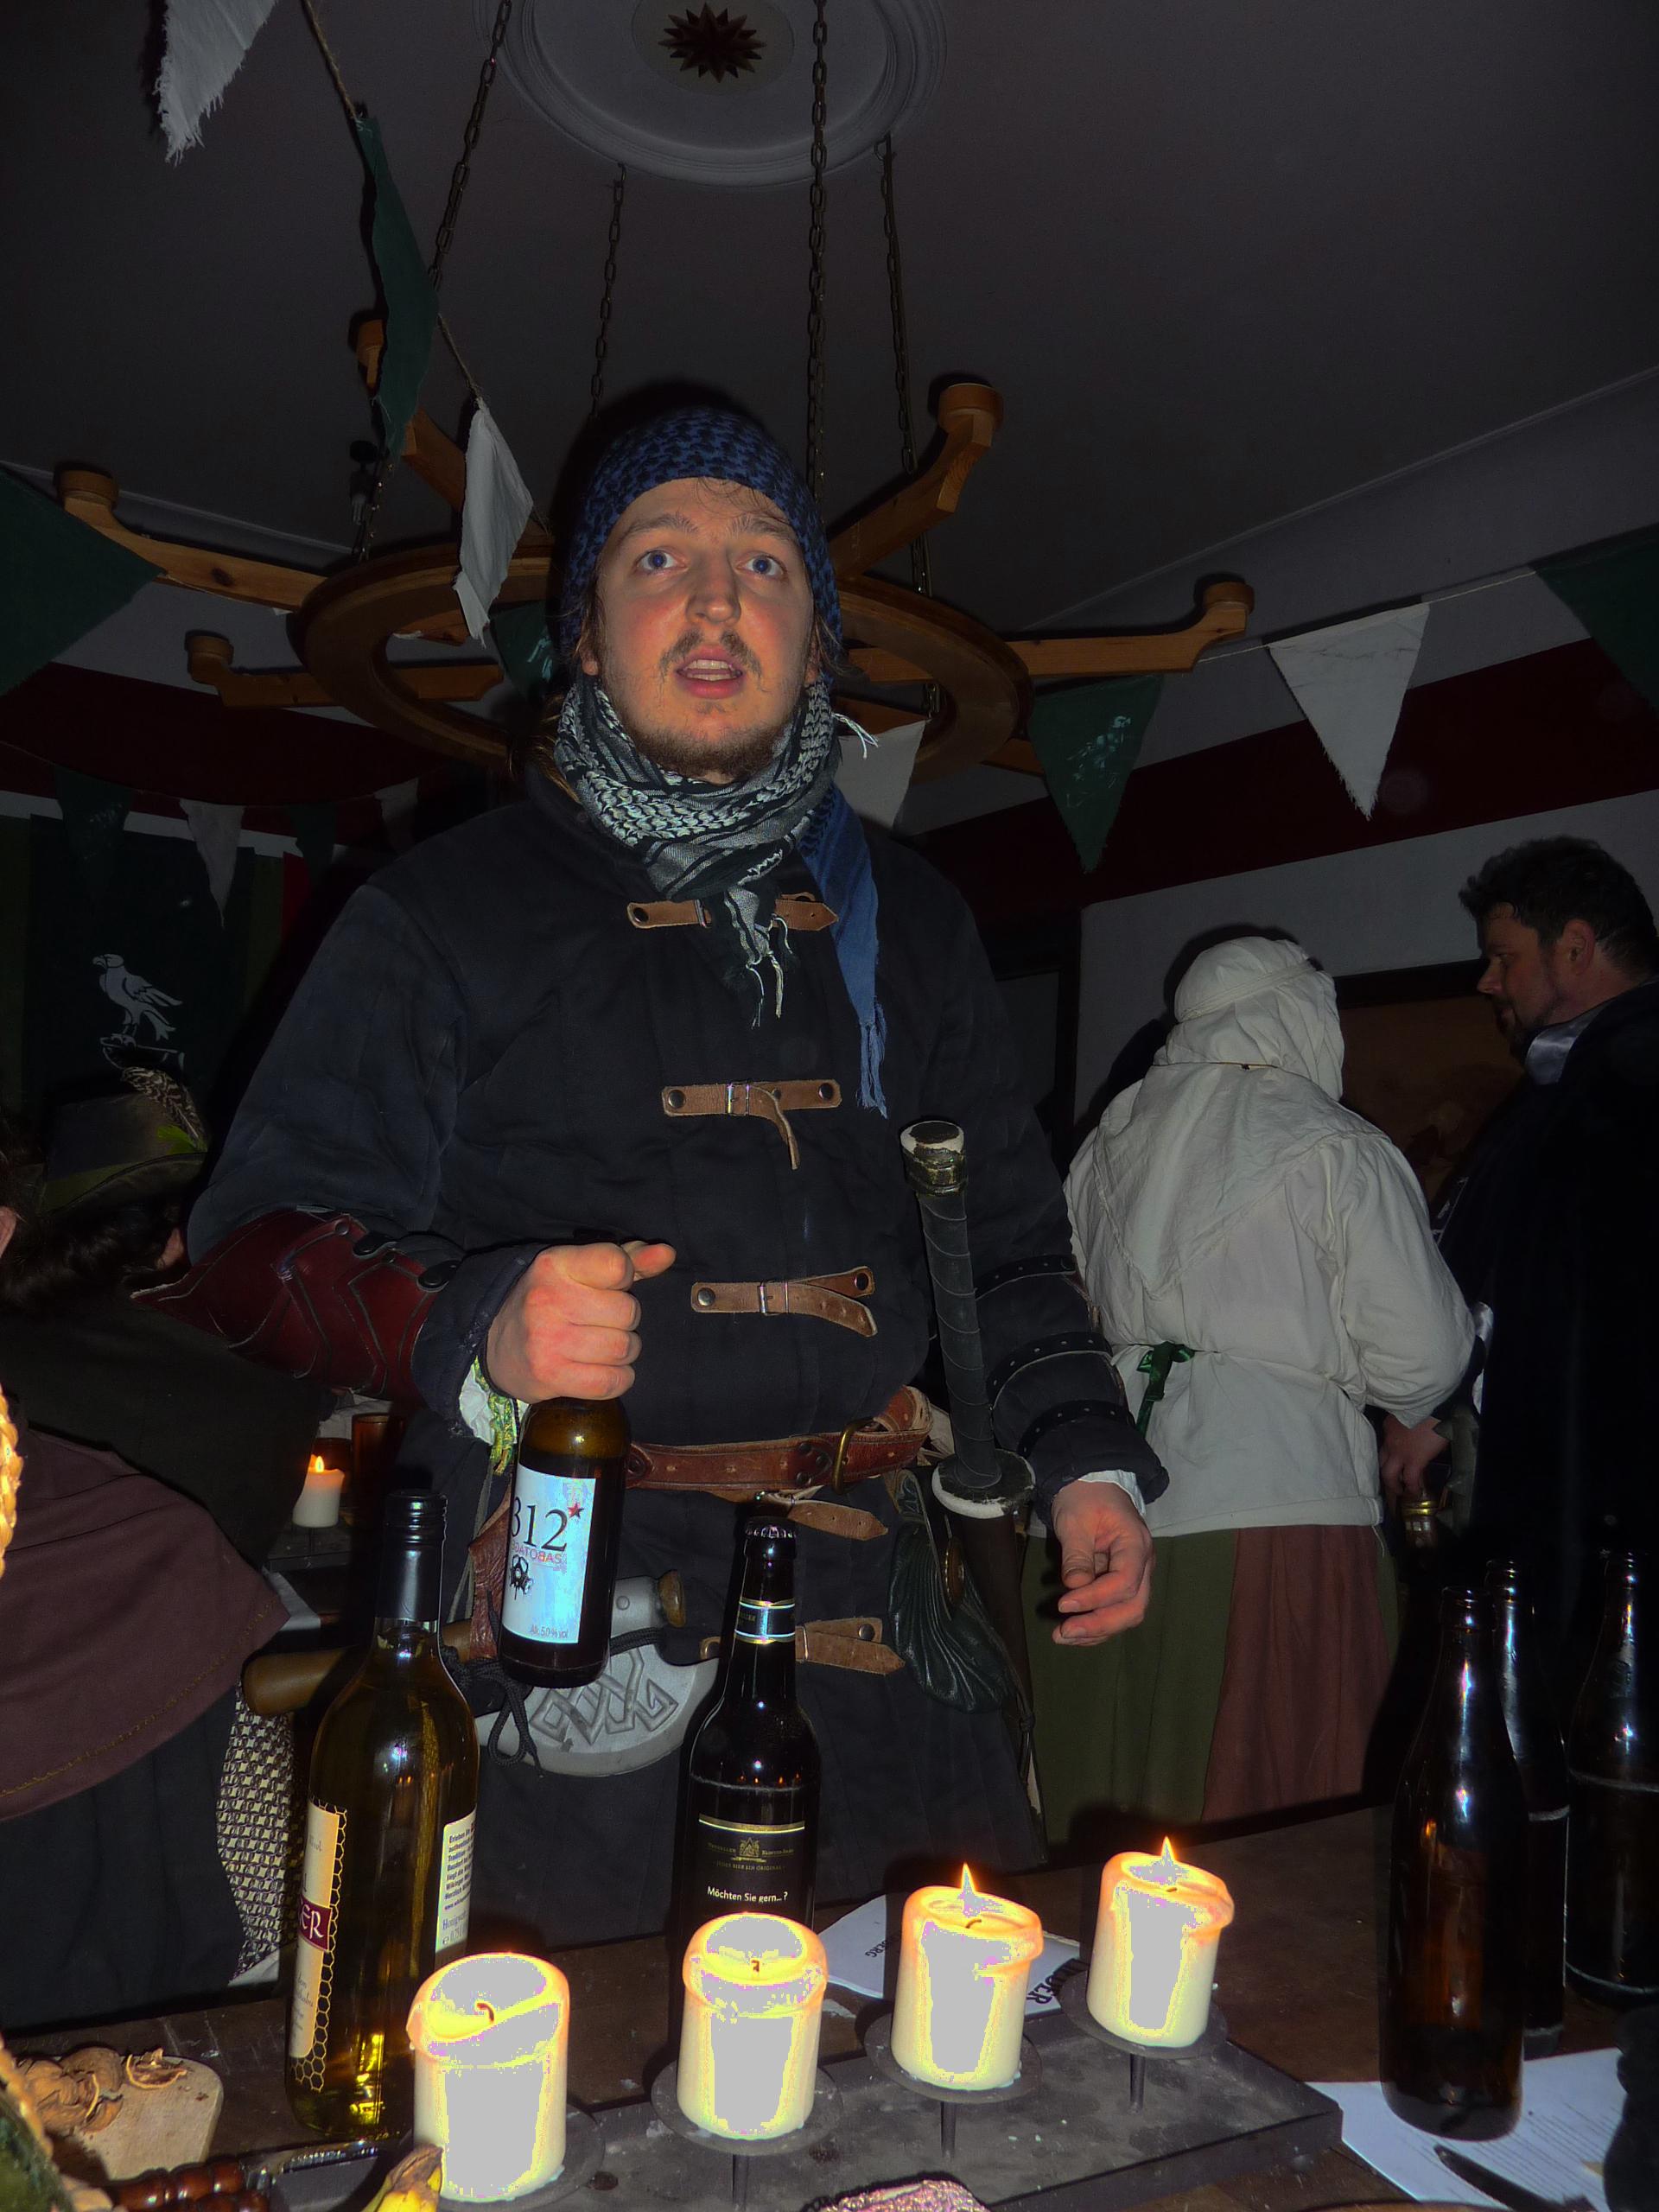 https://tintenwolf.mrkeks.net/satjira-project/index.php/Datei:Degordarak_rezitiert_Gedichte_im_Gutshaus_zum_reisenden_Pilger.jpg